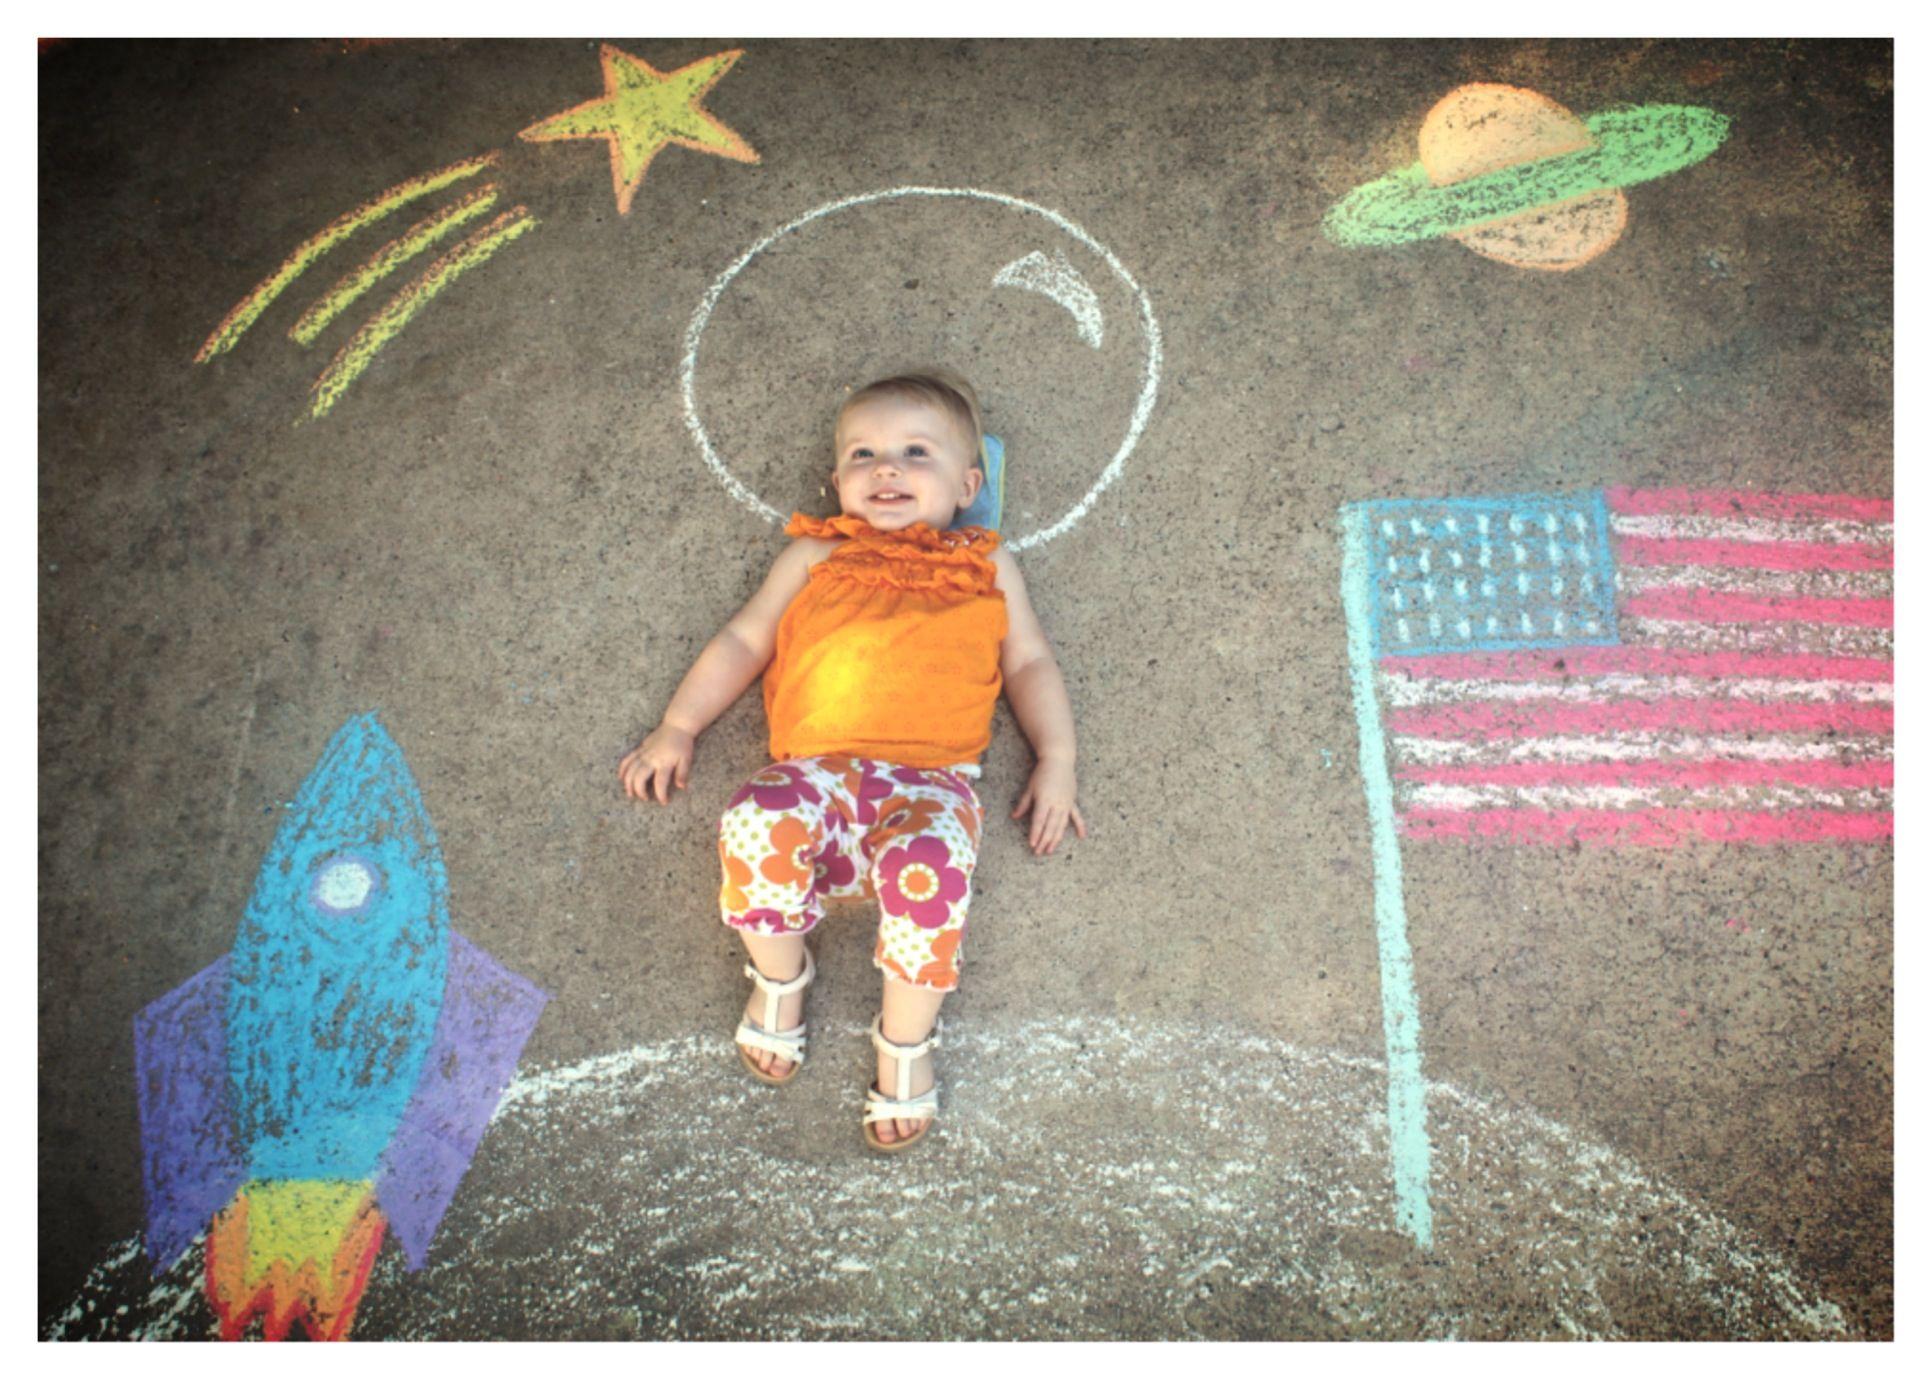 We landed on the moon! chalk art | Fun Fun Fun Kids Kids ...